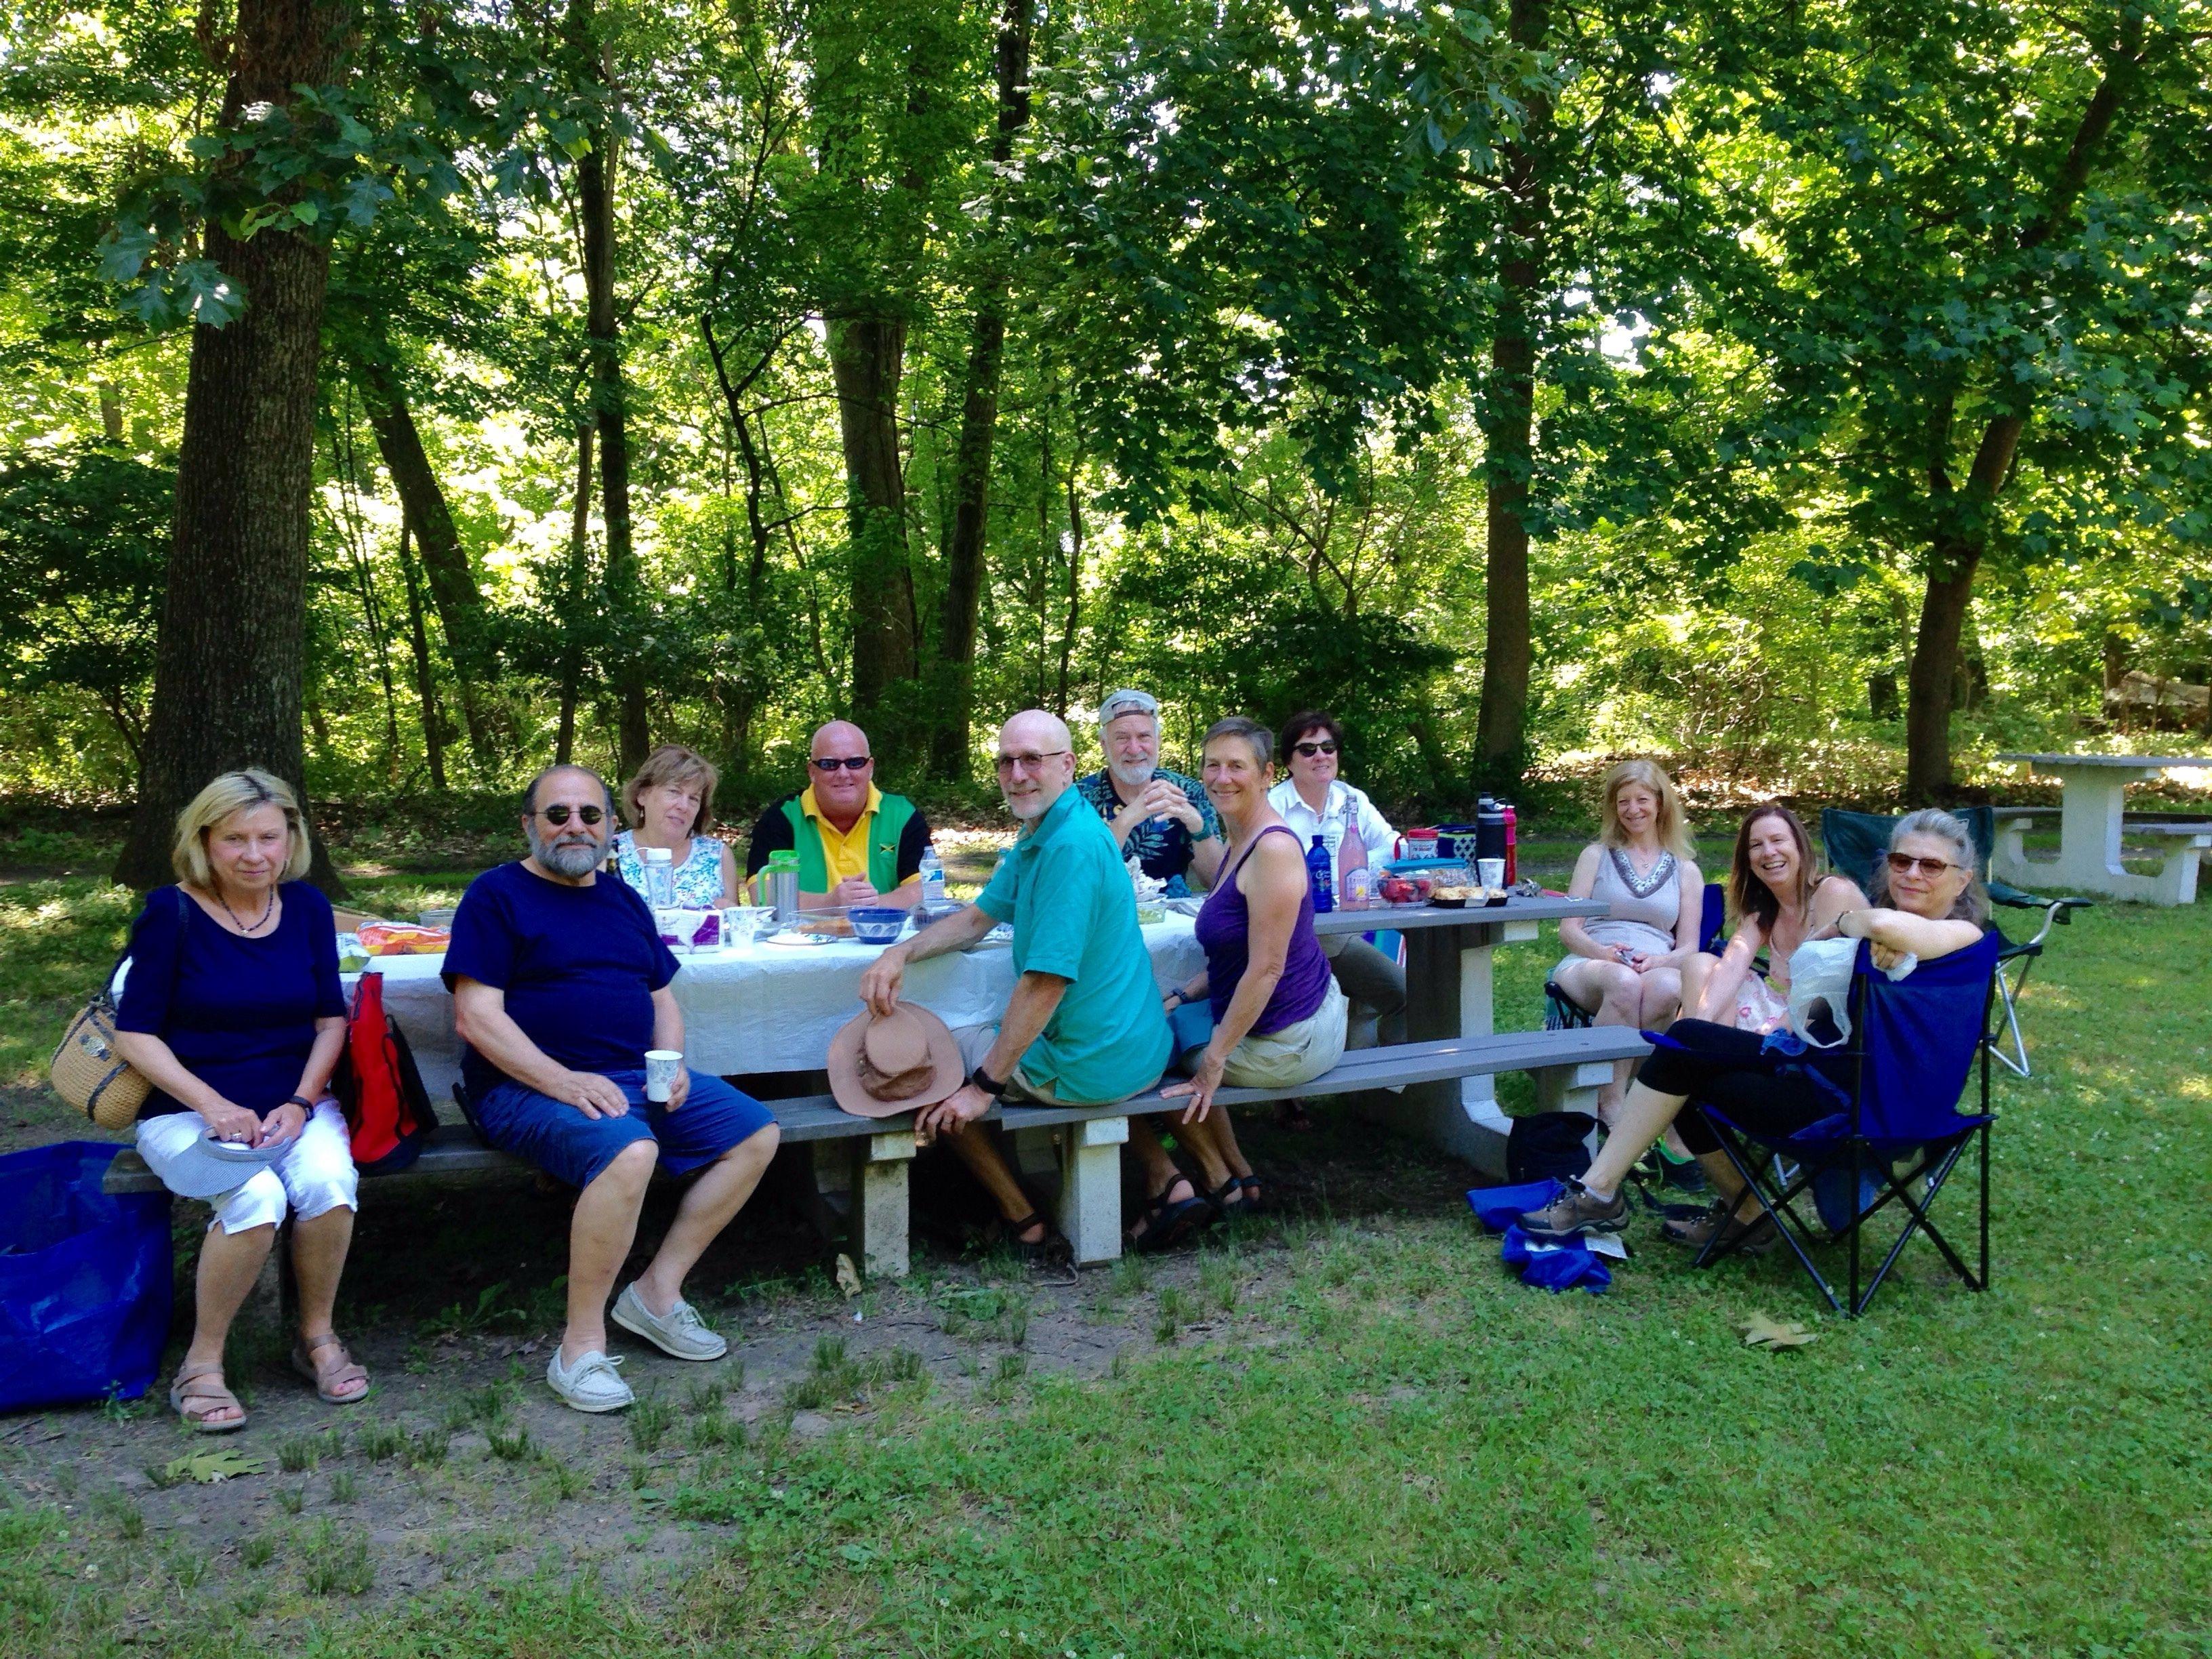 The Lambertville-New Hope Activities Meetup Group